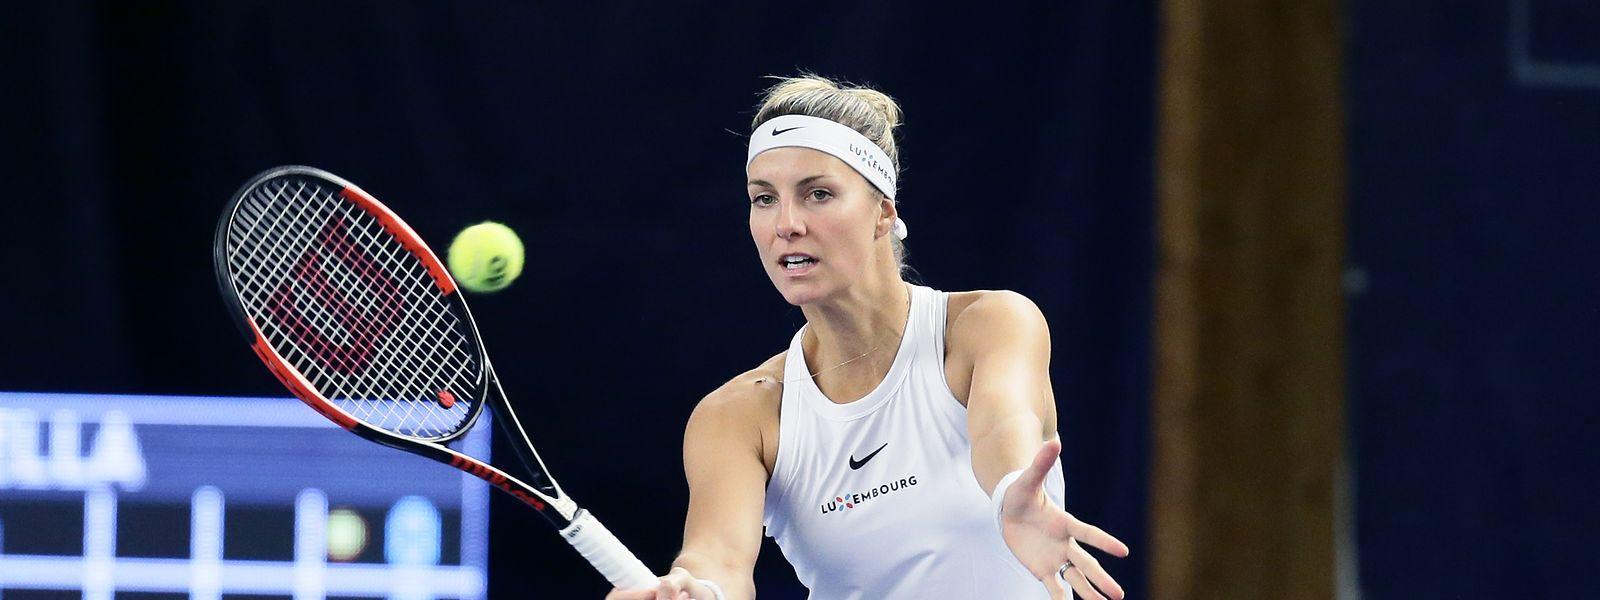 La dernière victoire de Mandy Minella en finale remontait au tournoi de Pétange l'année dernière.